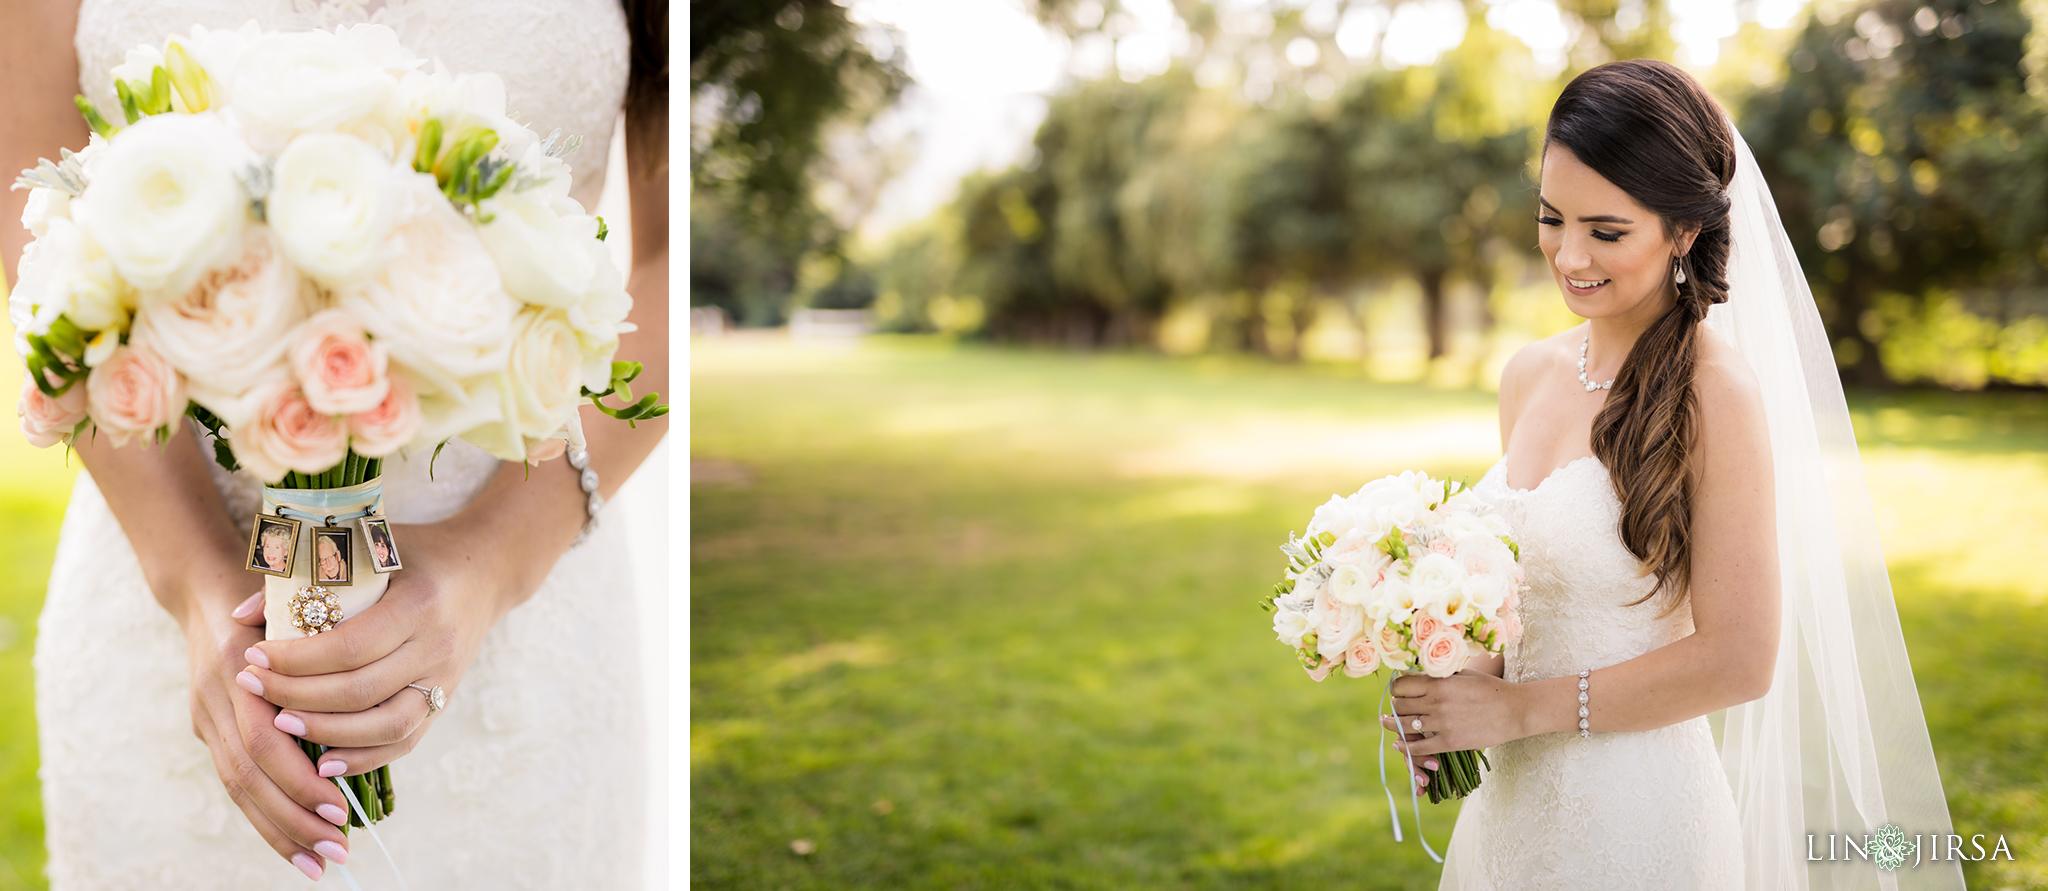 08-calamigos-equestrian-persian-wedding-photography